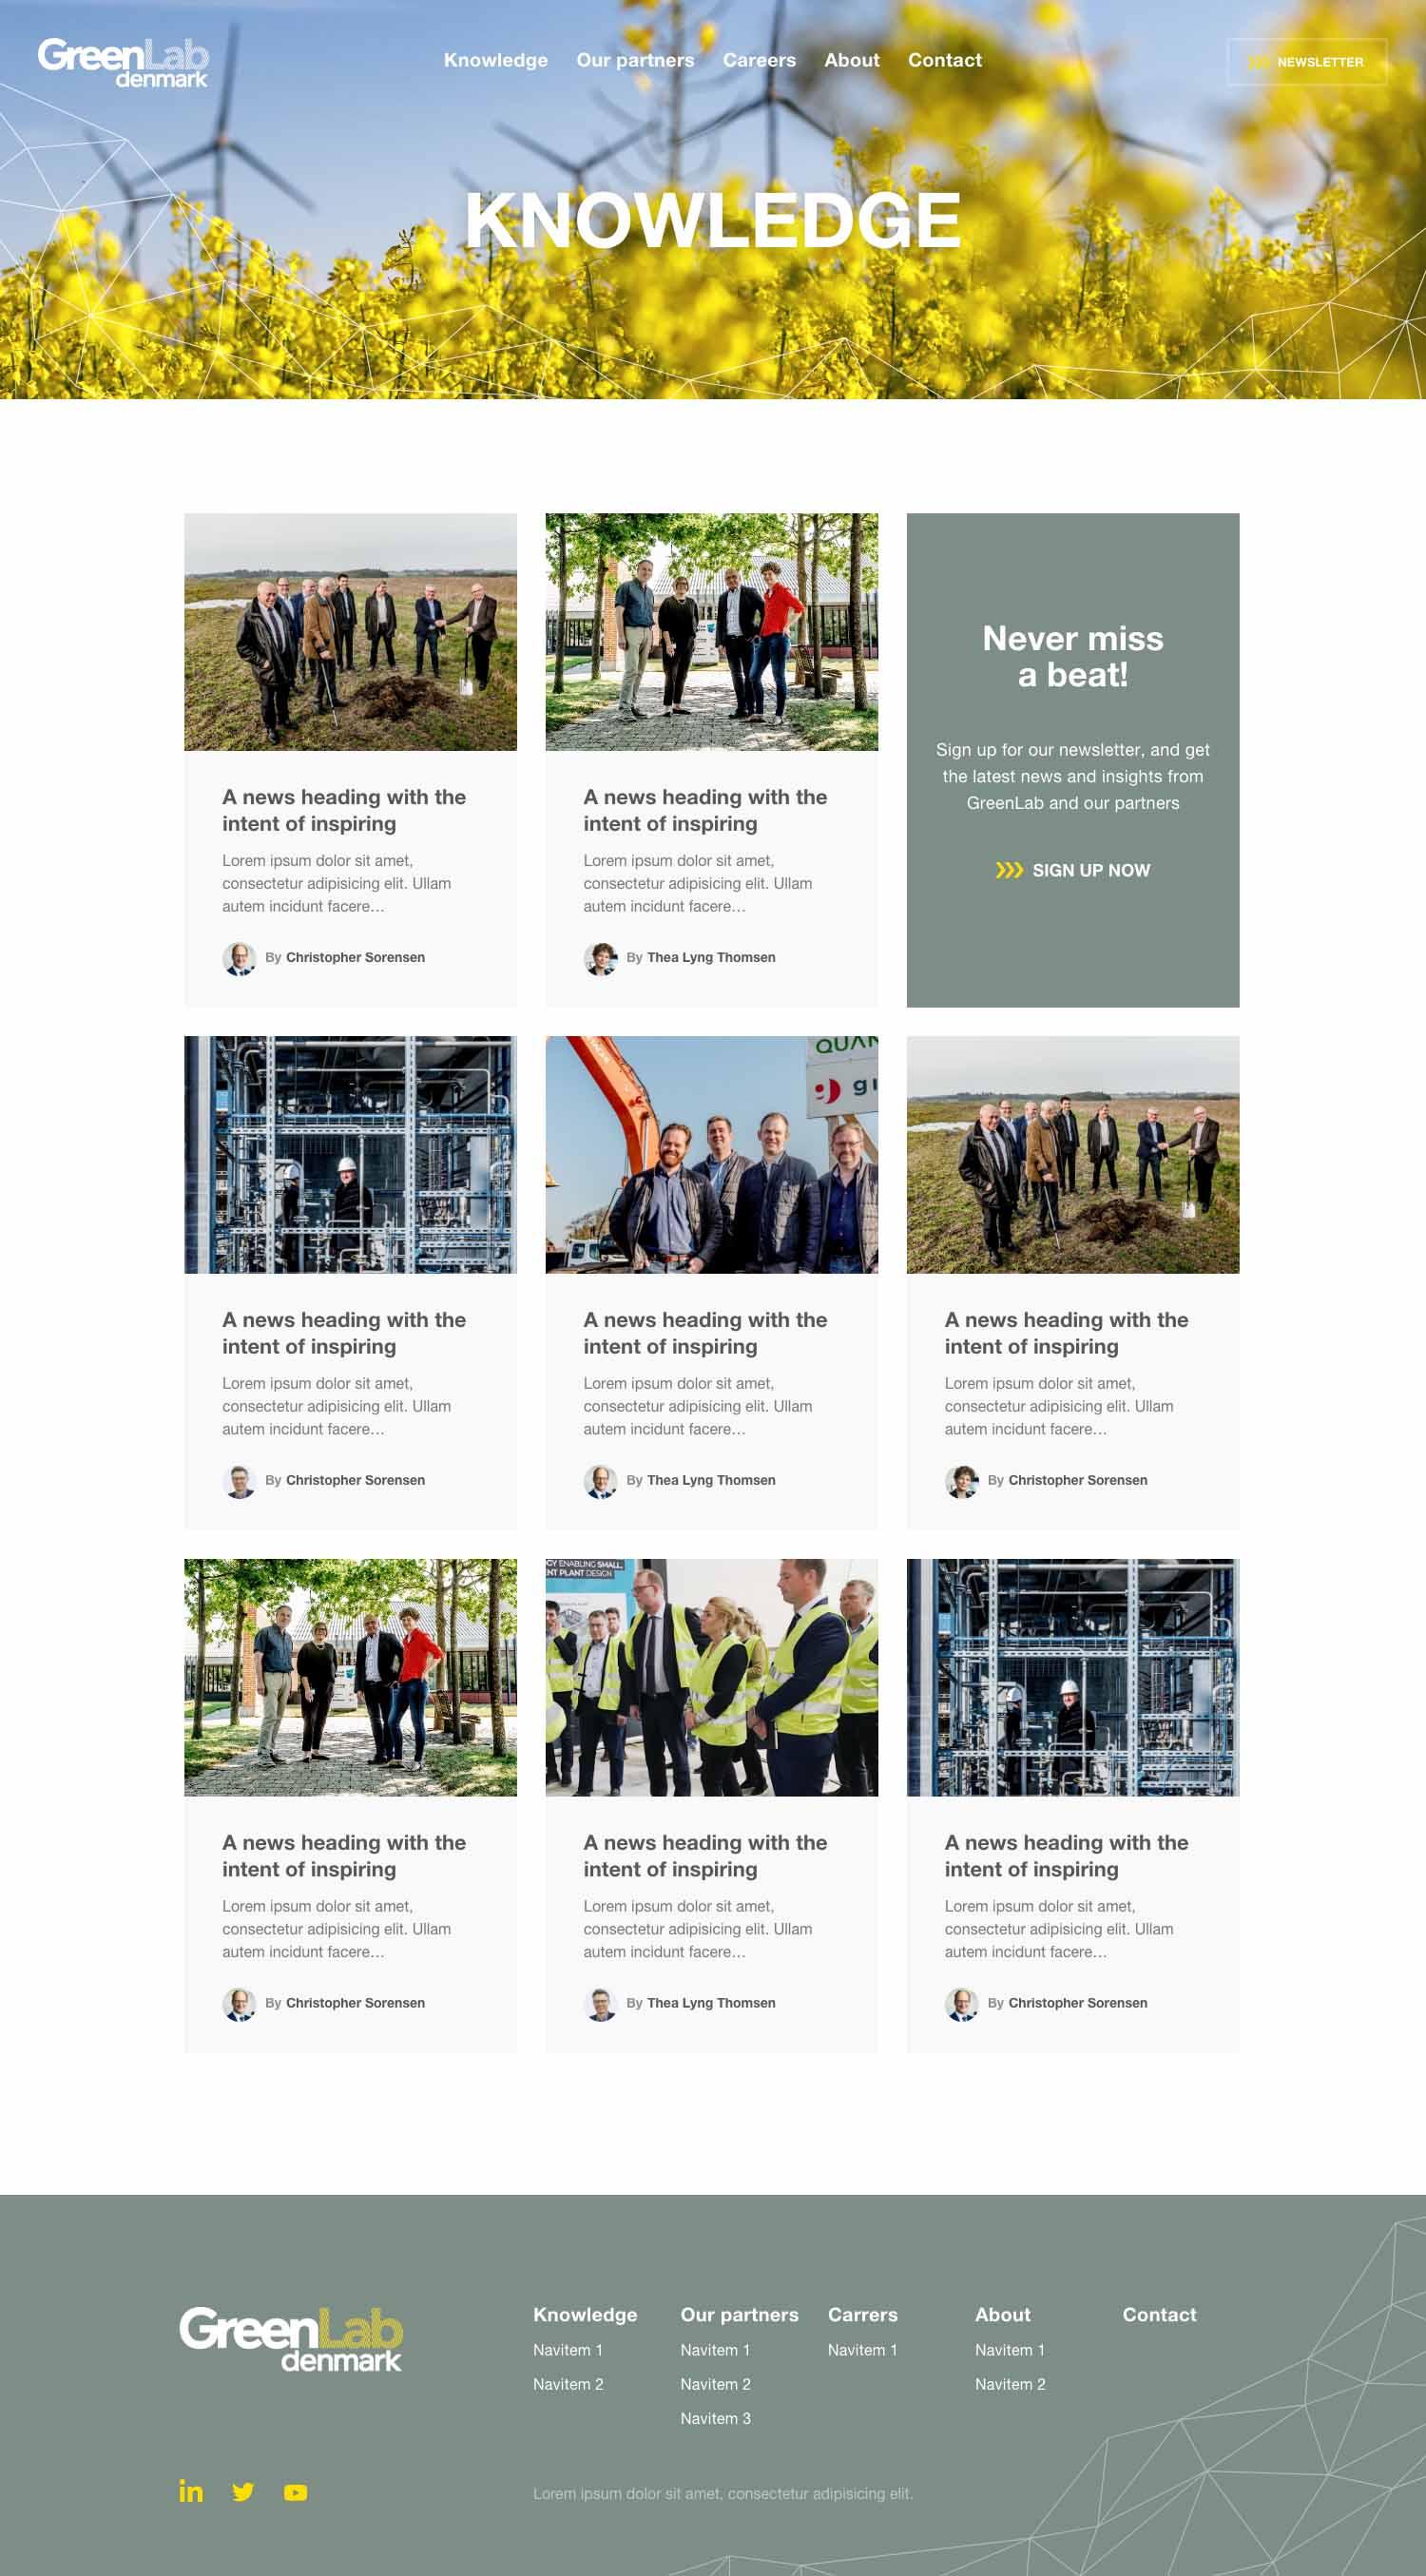 Billede der viser design på nyhedssiden på GreenLabs nye hjemmeside